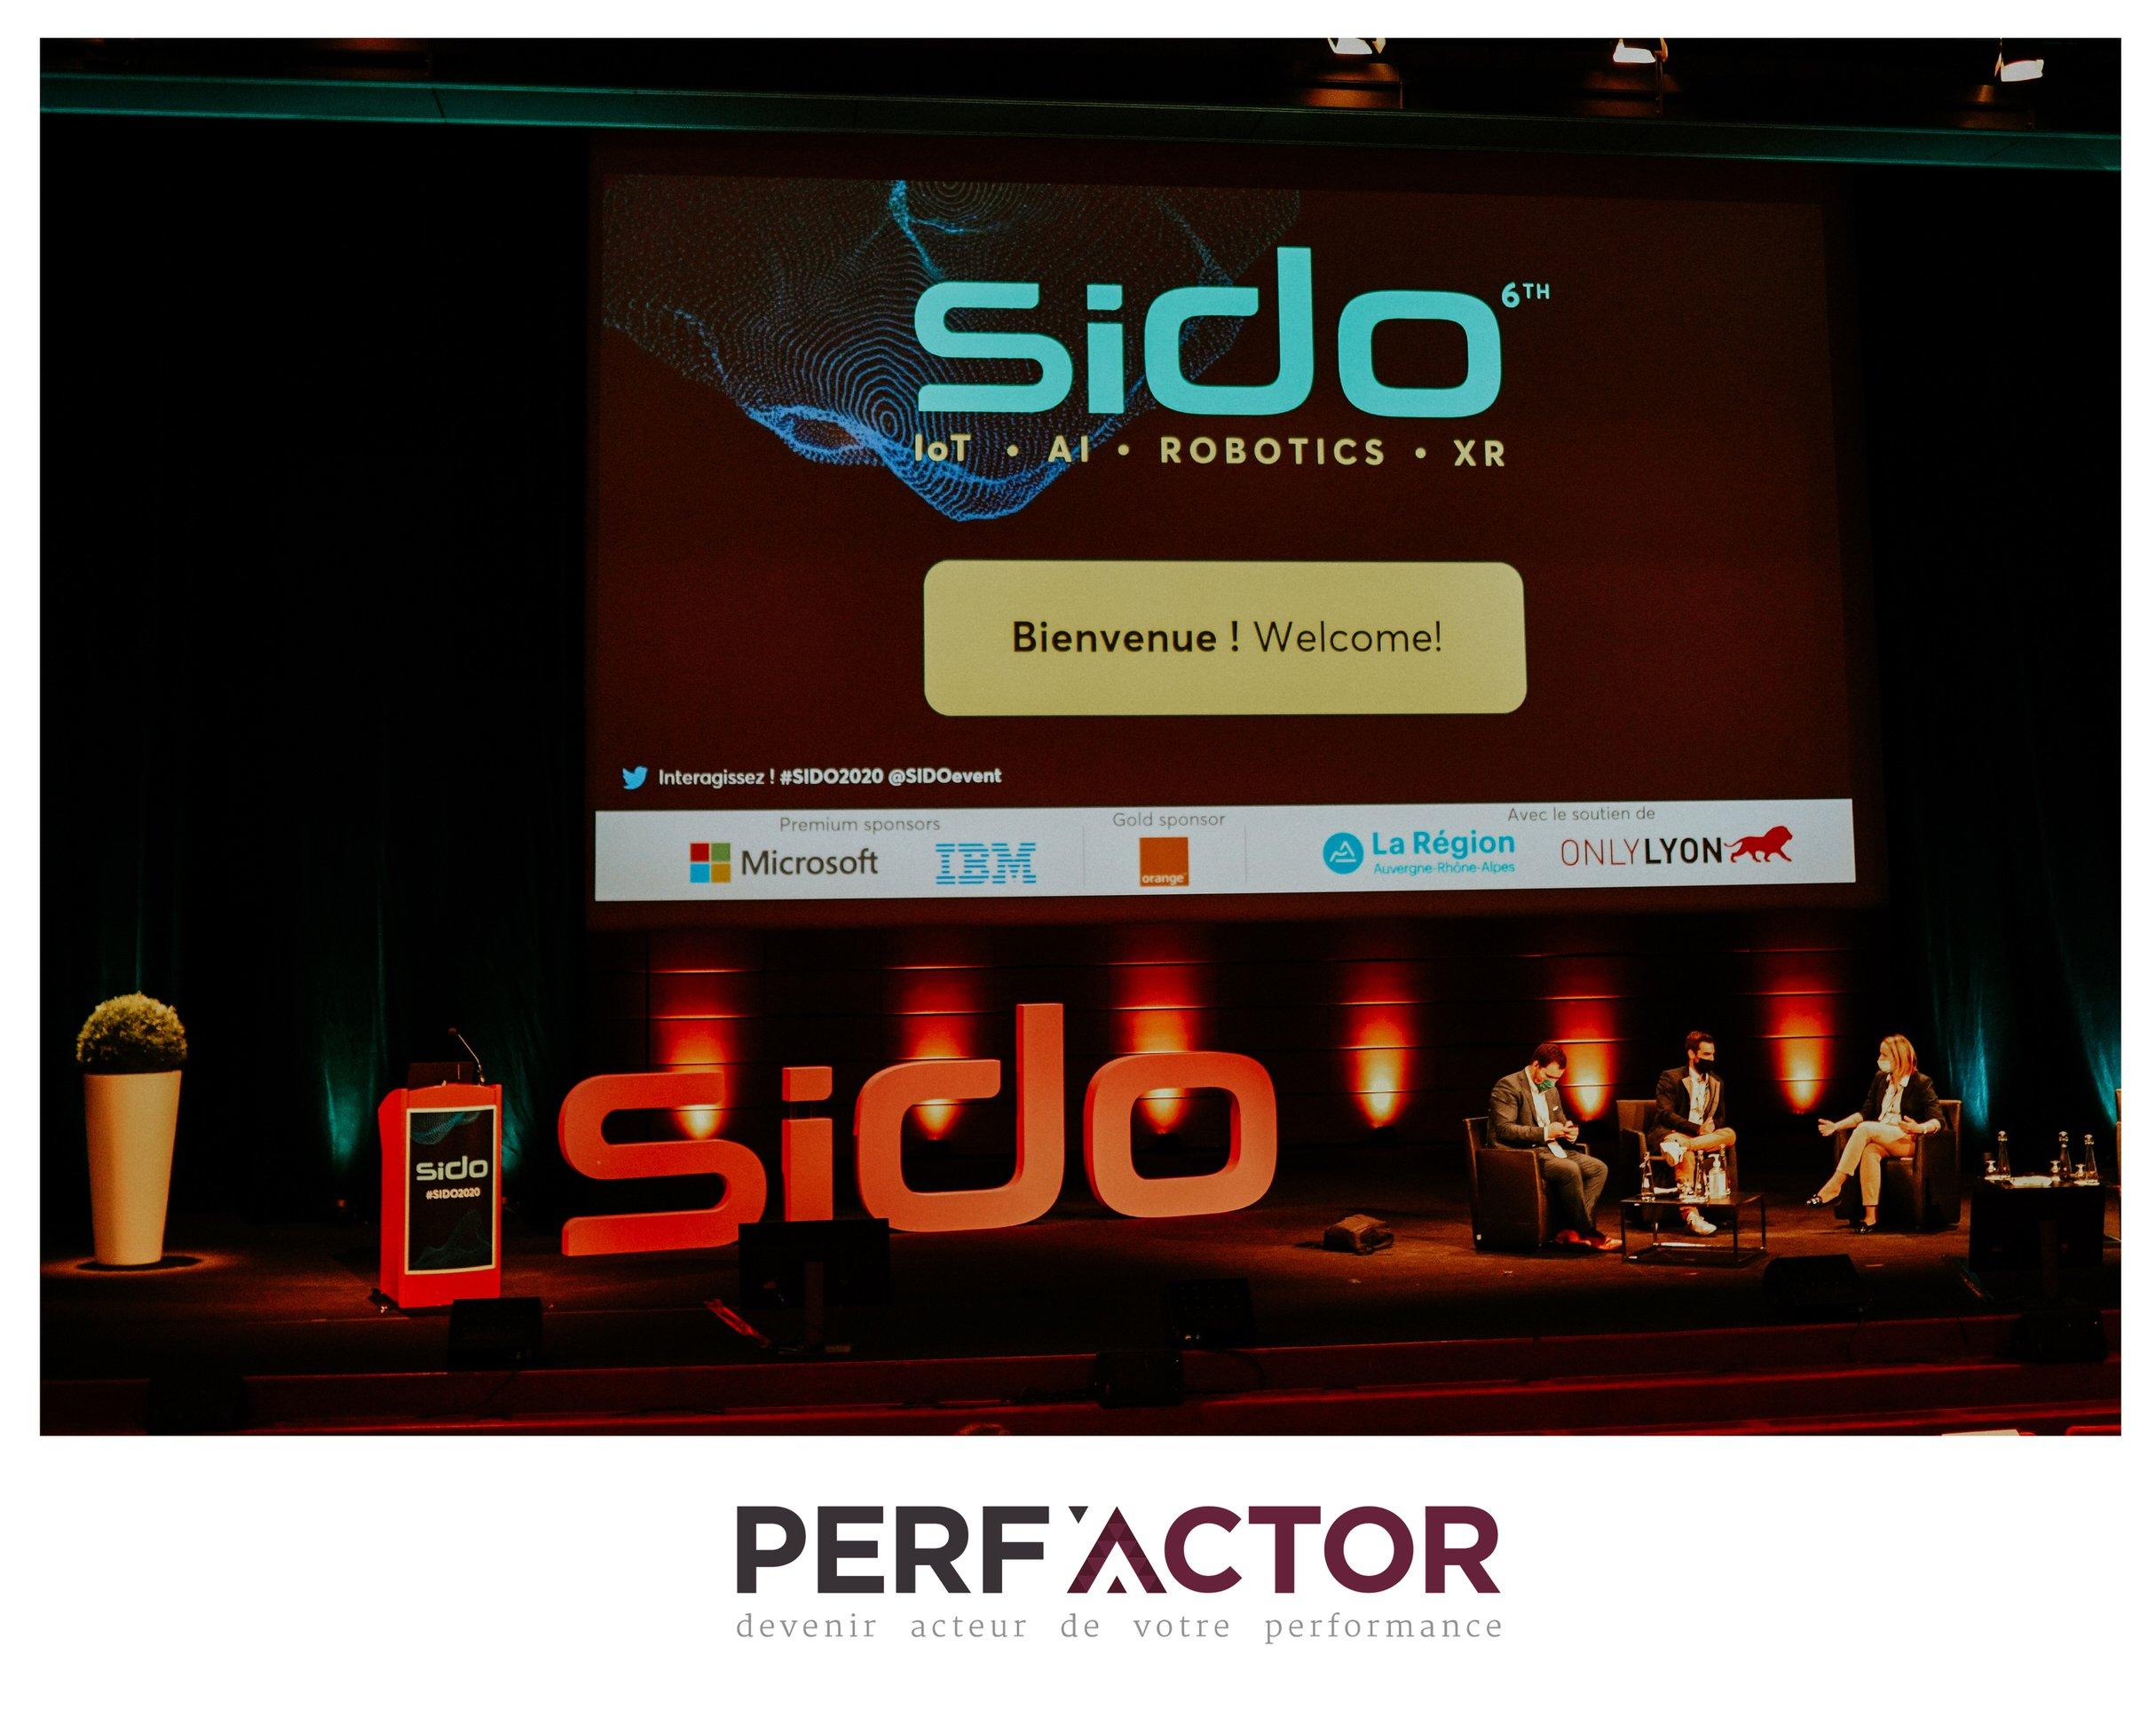 Des cas concrets d'innovation digitale appliquée à l'industrie : le jumeau numérique pour moderniser les chaines de production au salon SIDO 2020